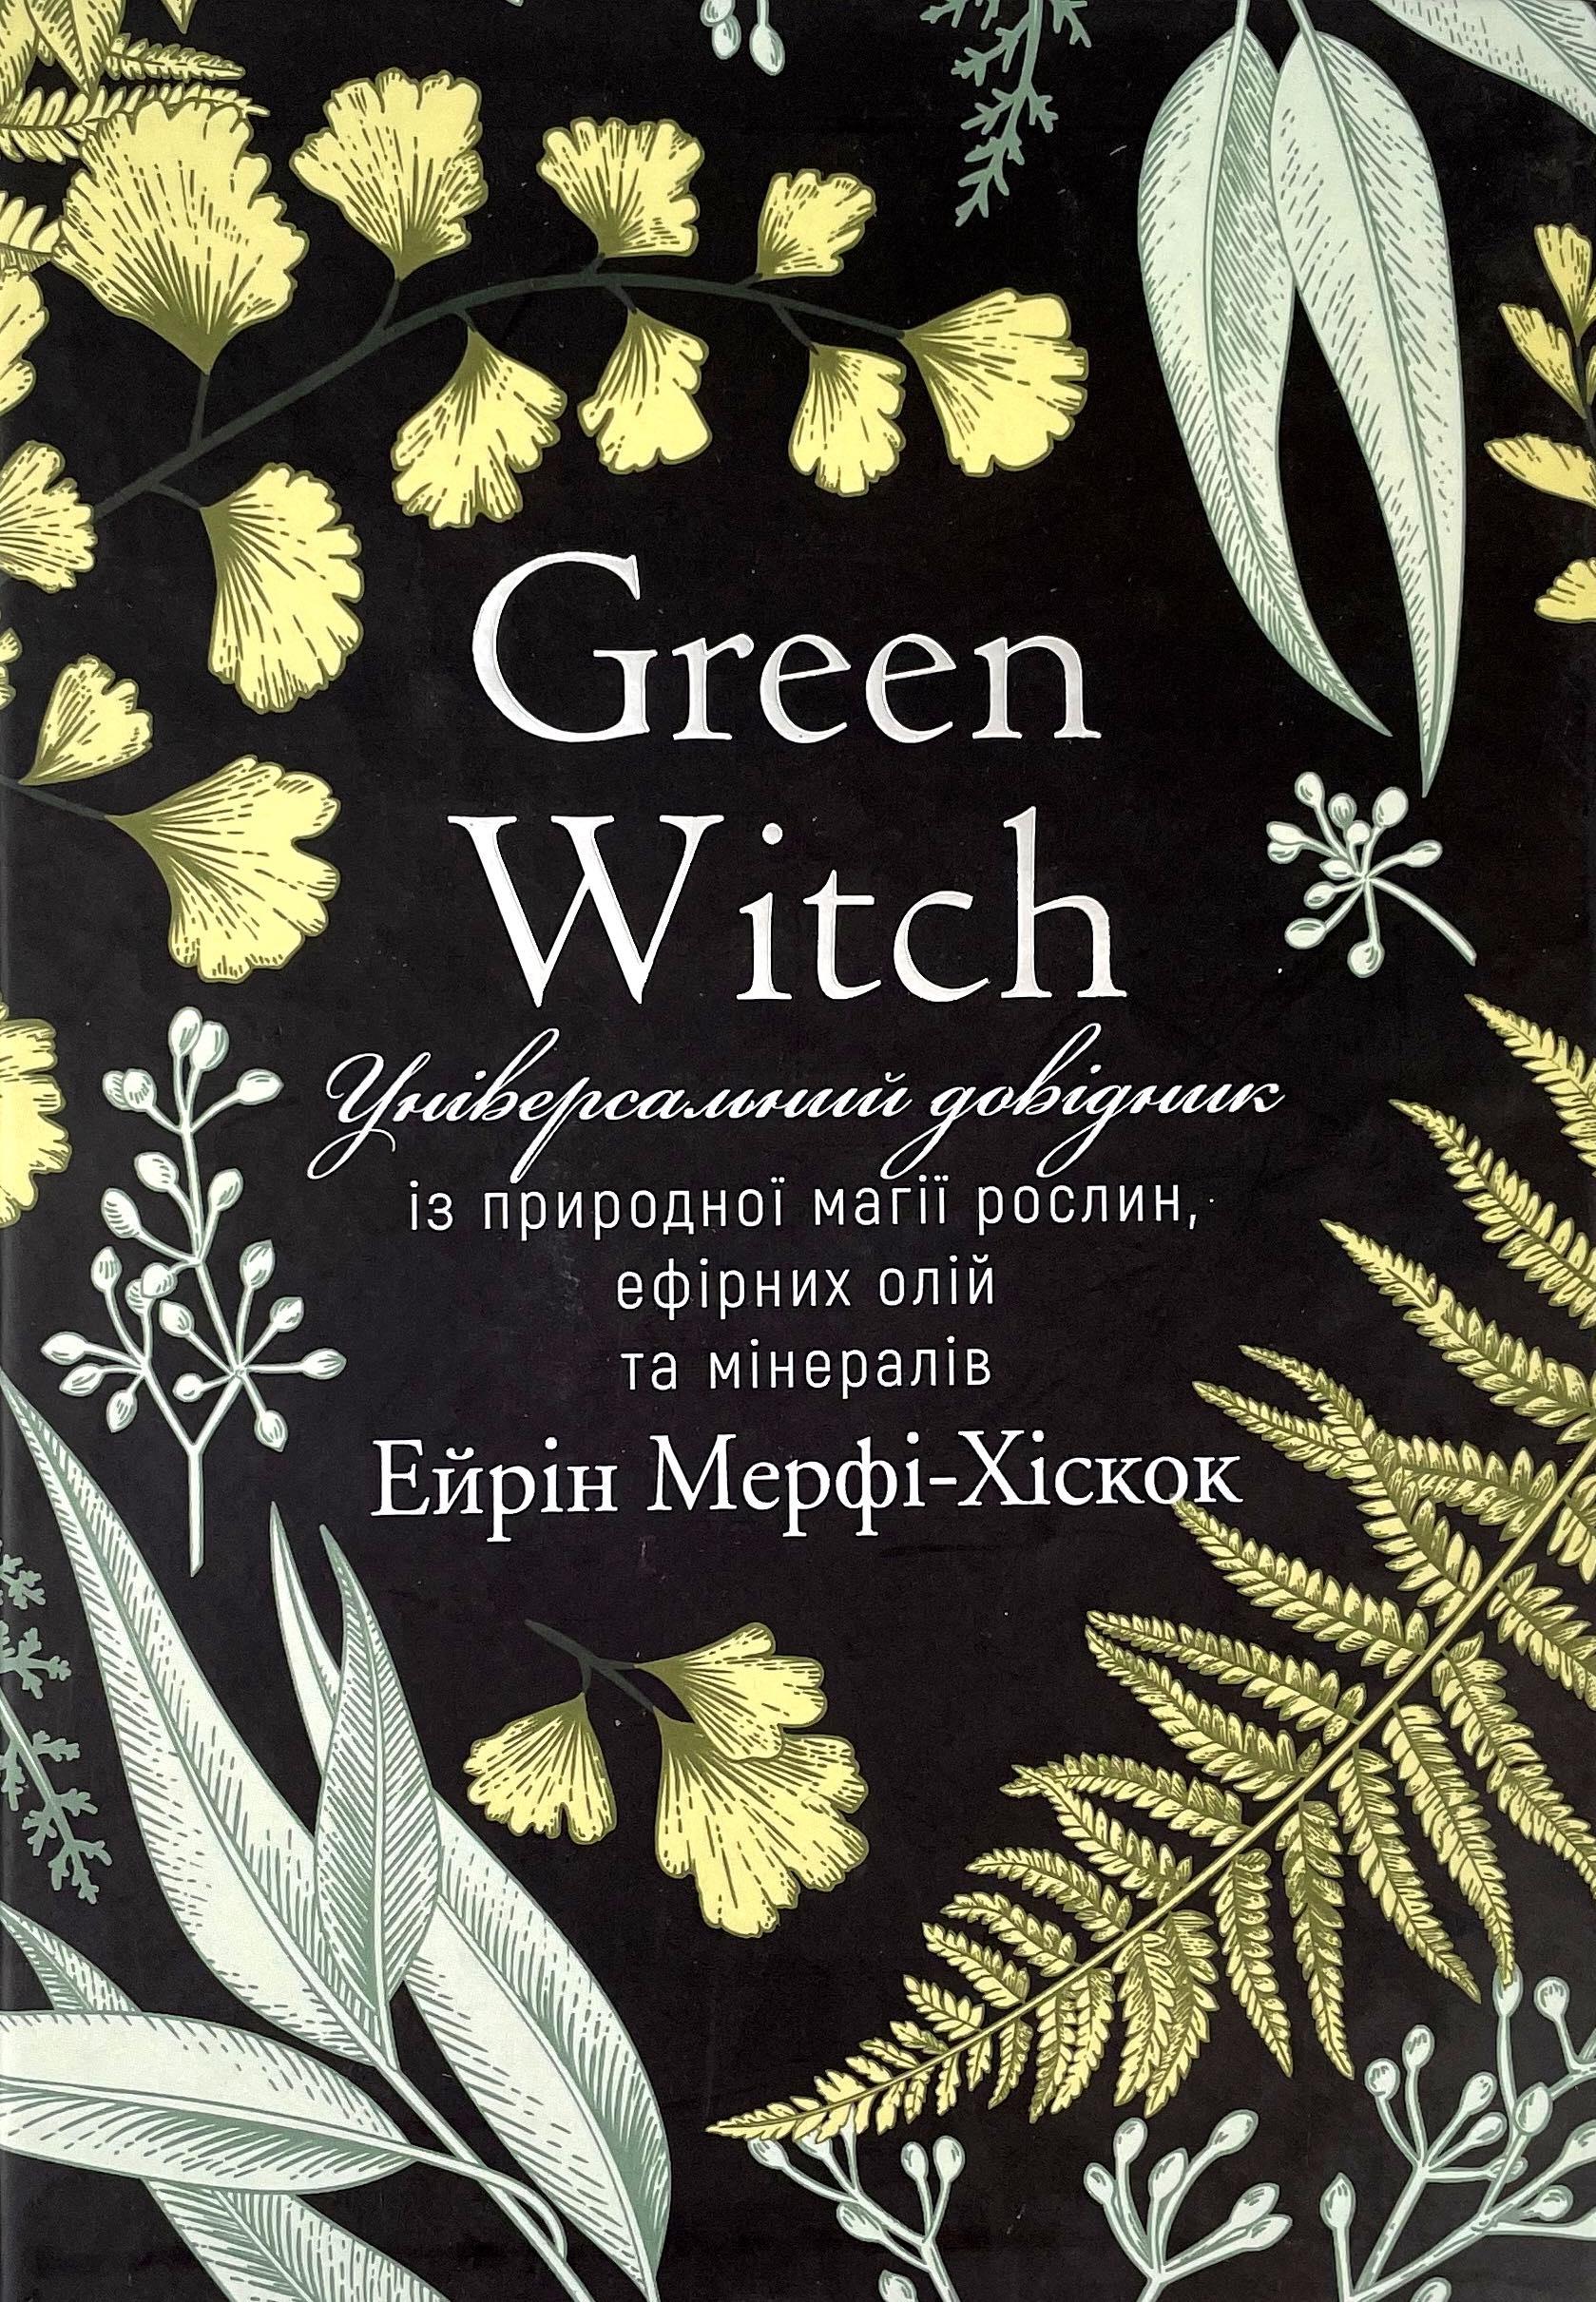 Green Witch. Універсальний довідник із природної магії рослин, ефірних олій та мінералів